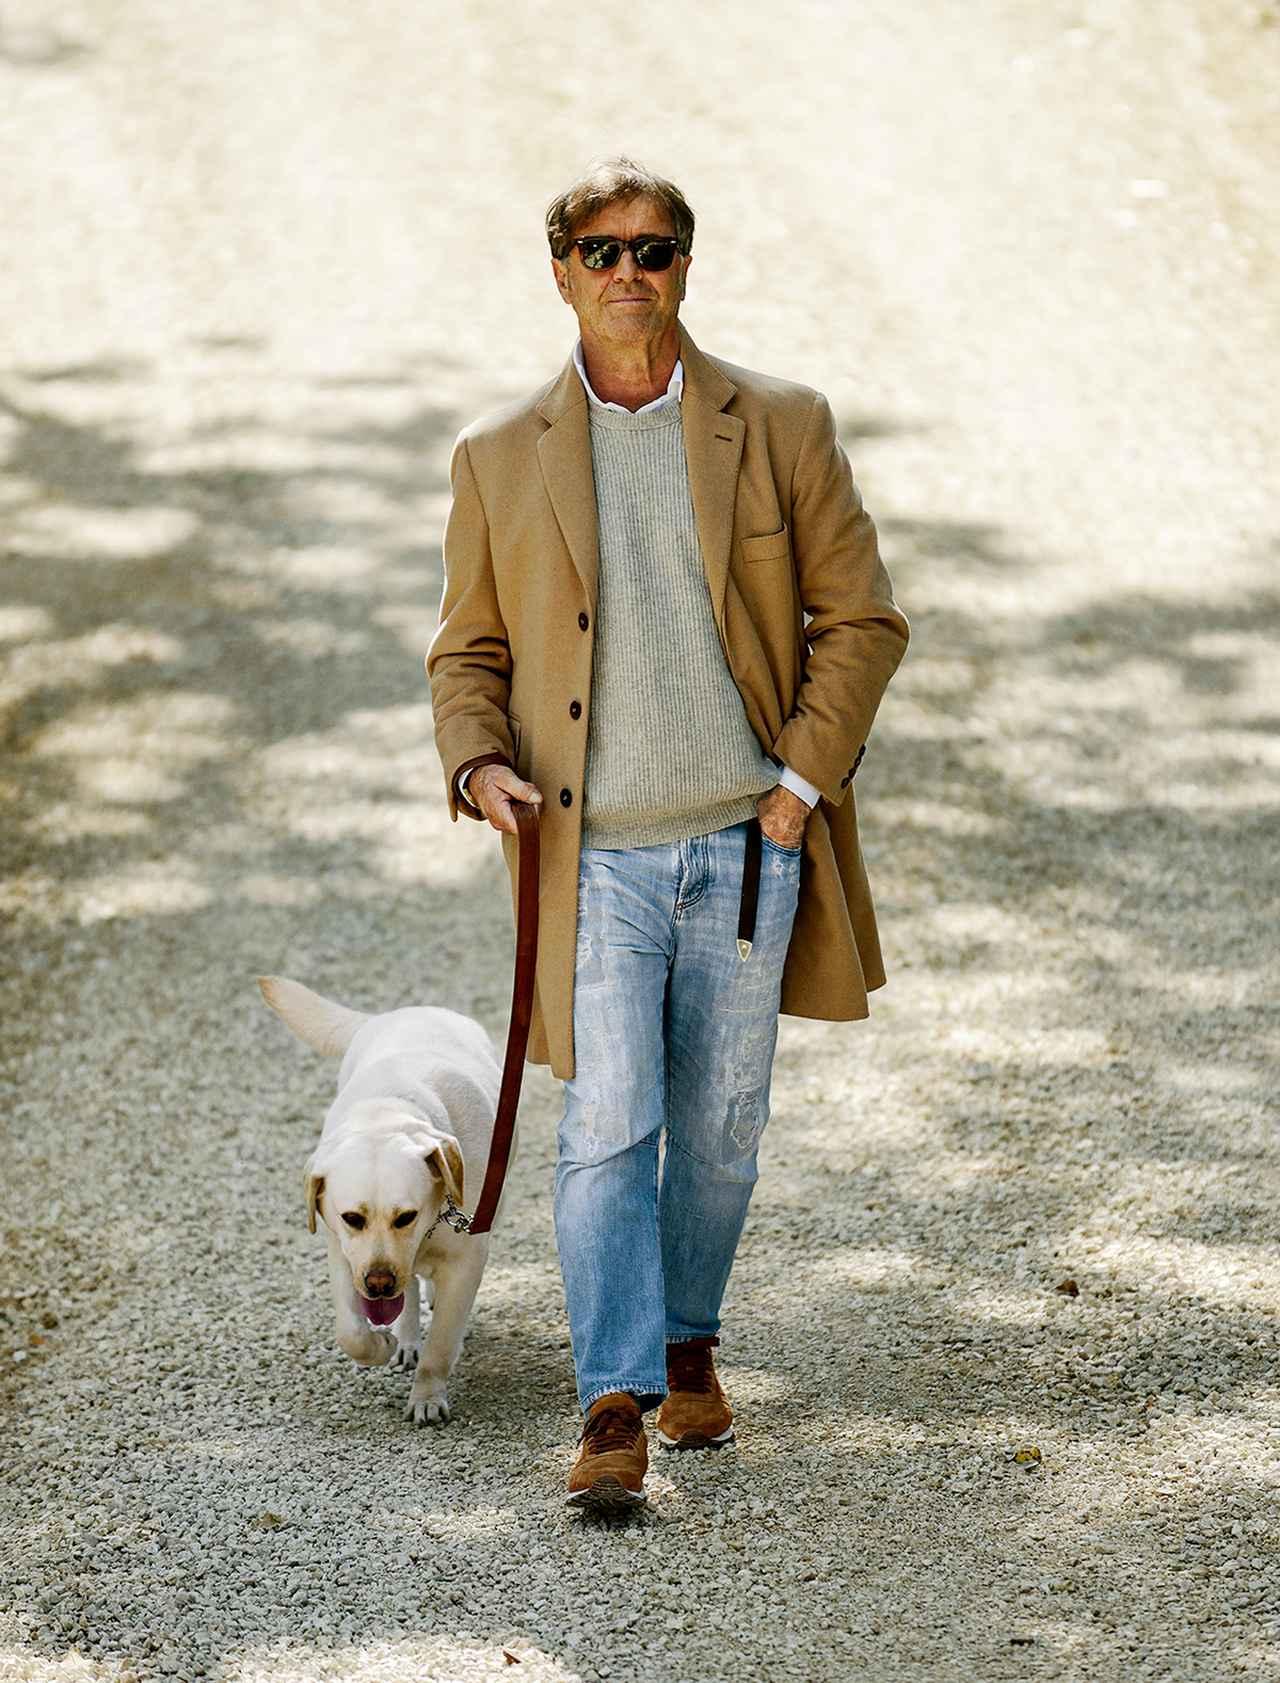 Images : 1番目の画像 - 「服、そして文化や暮らしを創る男、 デザイナー ブルネロ・クチネリの 愛するもの」のアルバム - T JAPAN:The New York Times Style Magazine 公式サイト